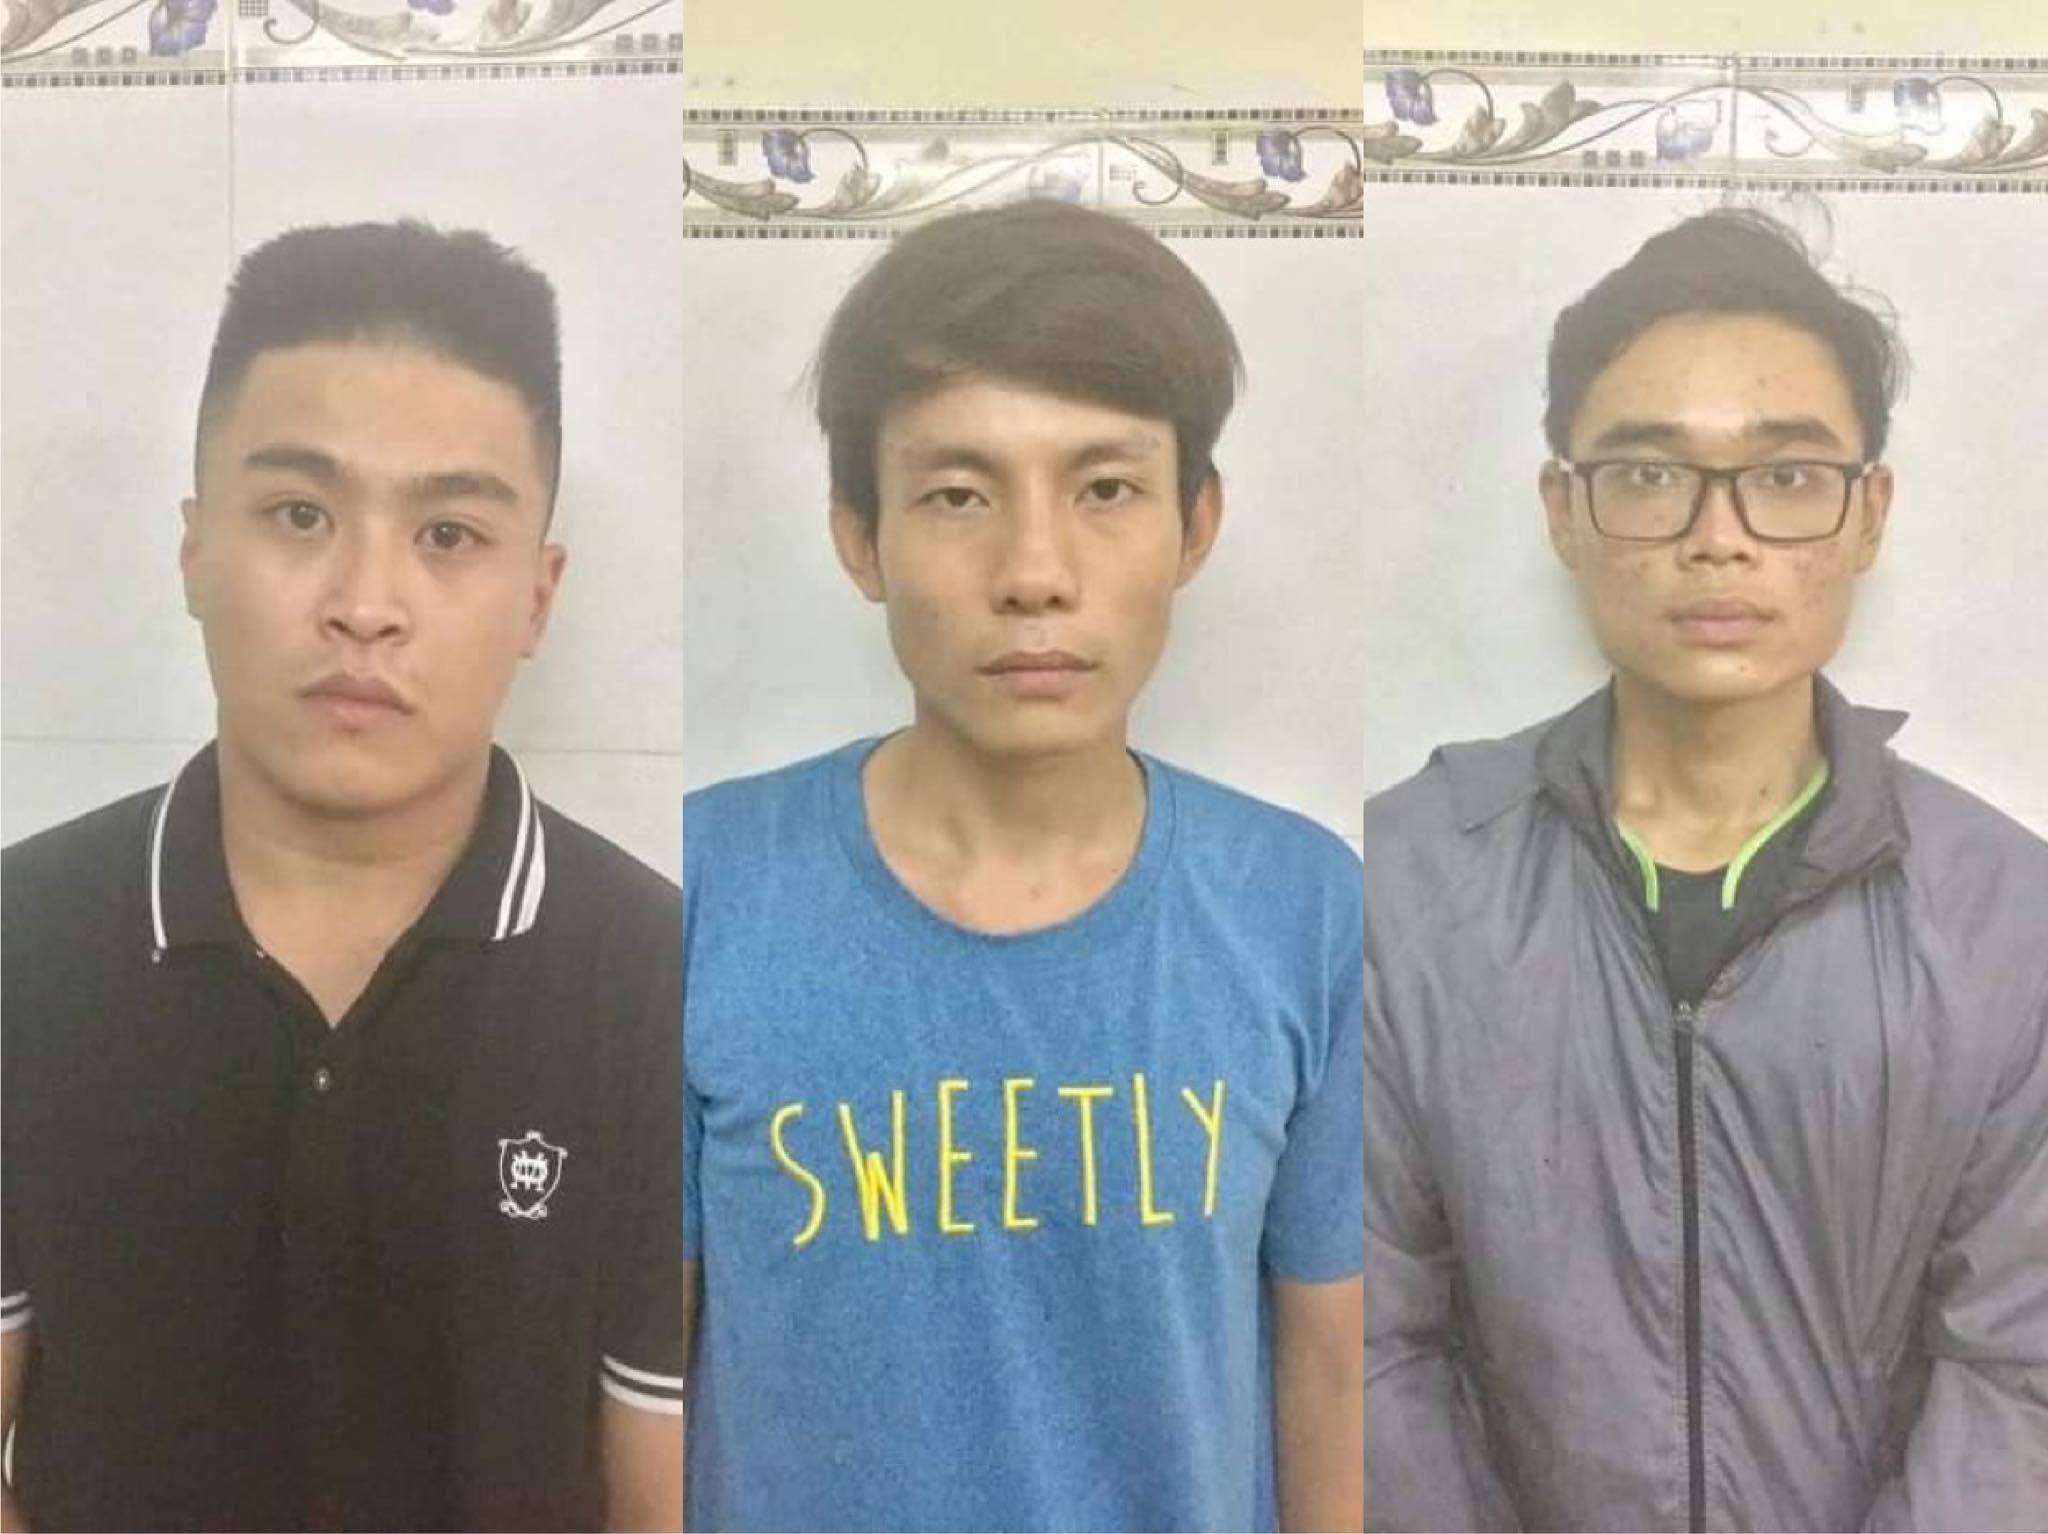 Nhóm cướp giật bị bắt nhờ camera an ninh ở Sài Gòn - Ảnh 1.